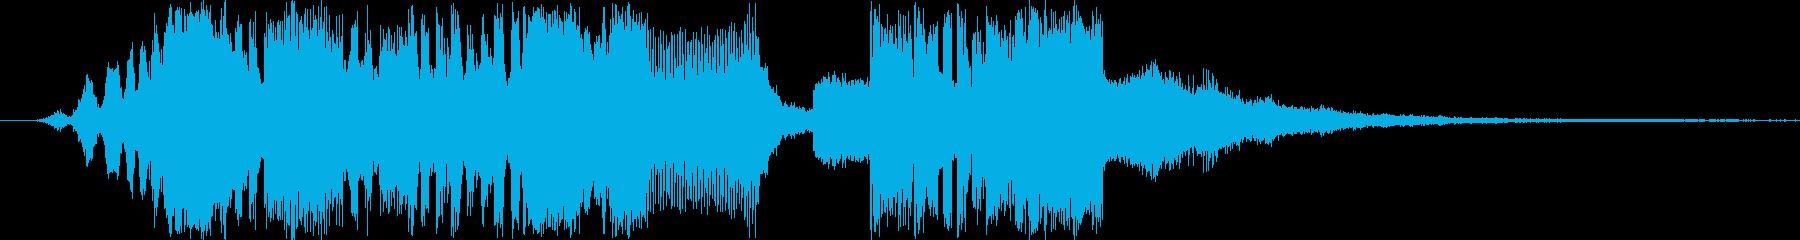 【ダブステップ】CMやジングル等にの再生済みの波形